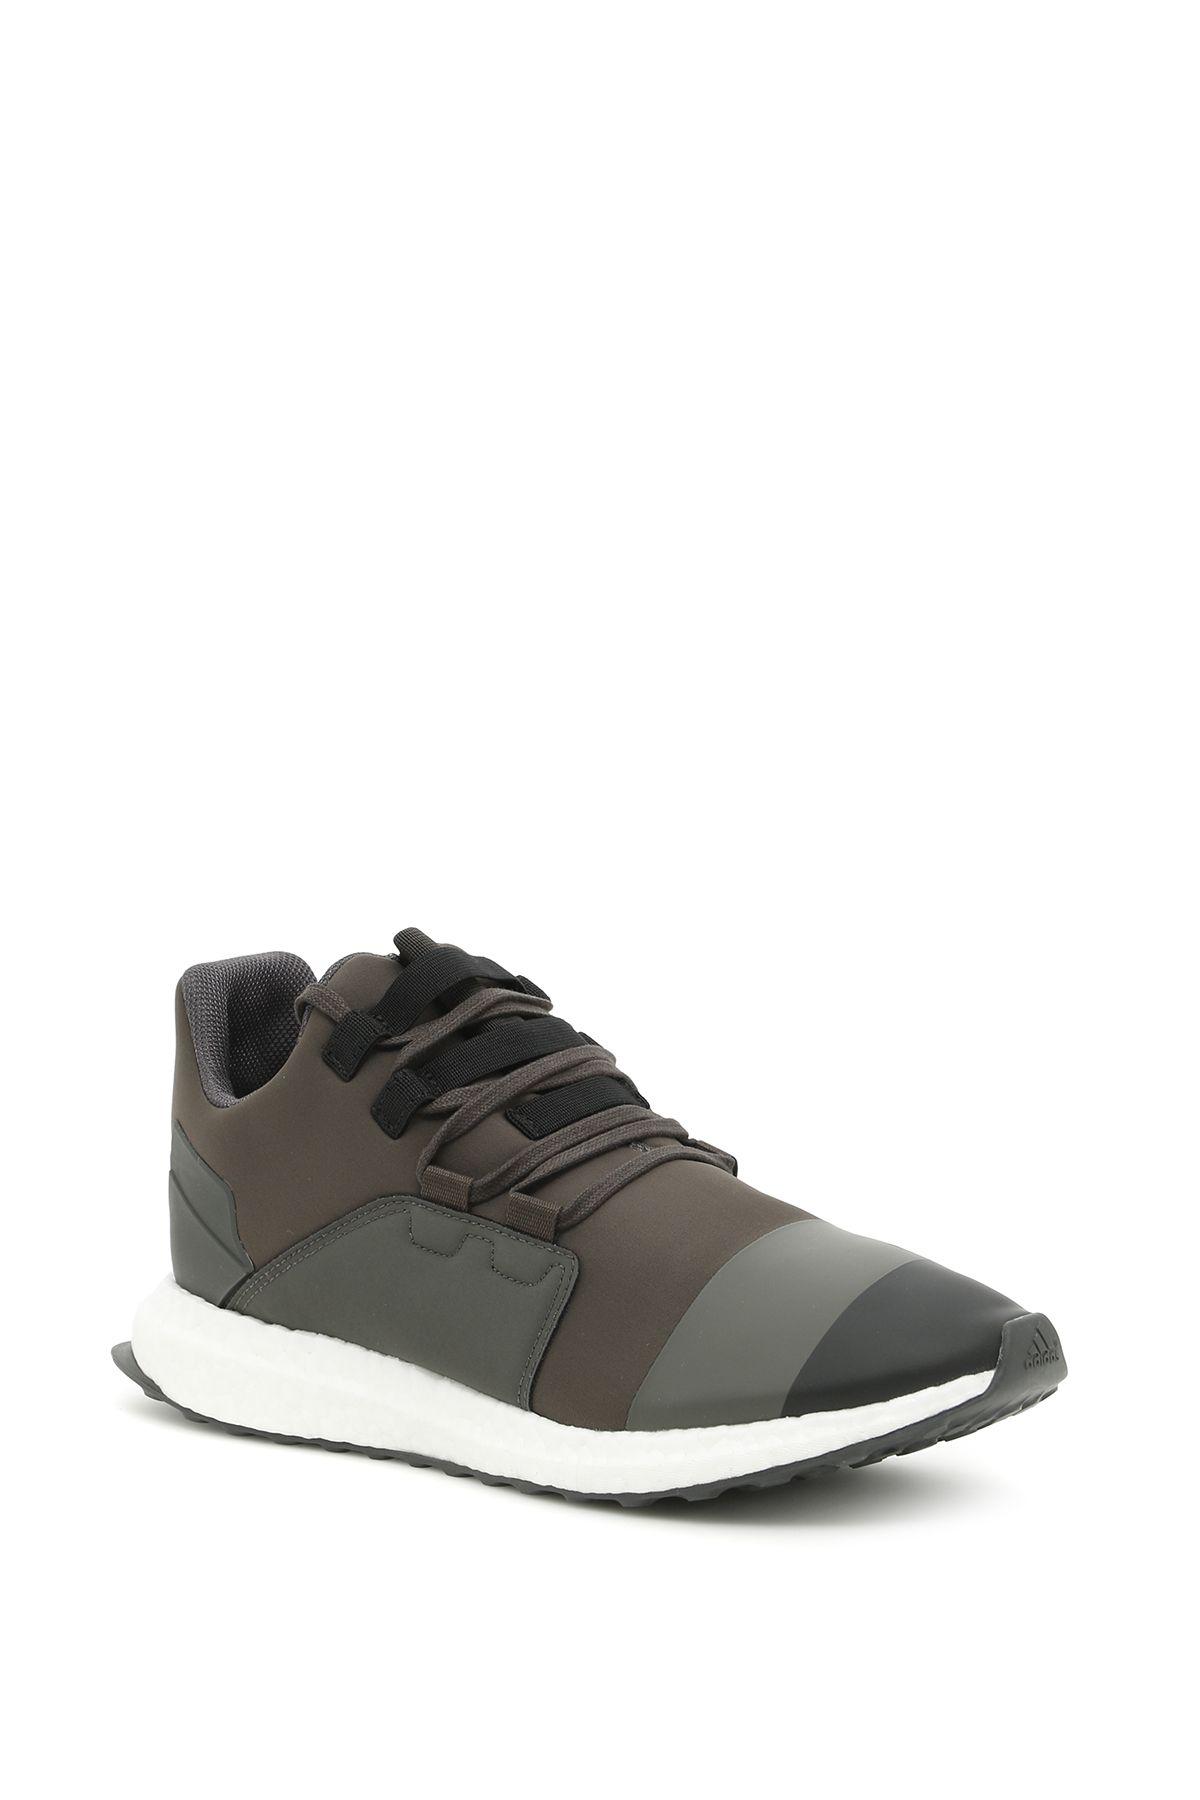 8b640482a62ee Y-3 KOZOKO LOW SNEAKERS.  y-3  shoes Christmas Sale